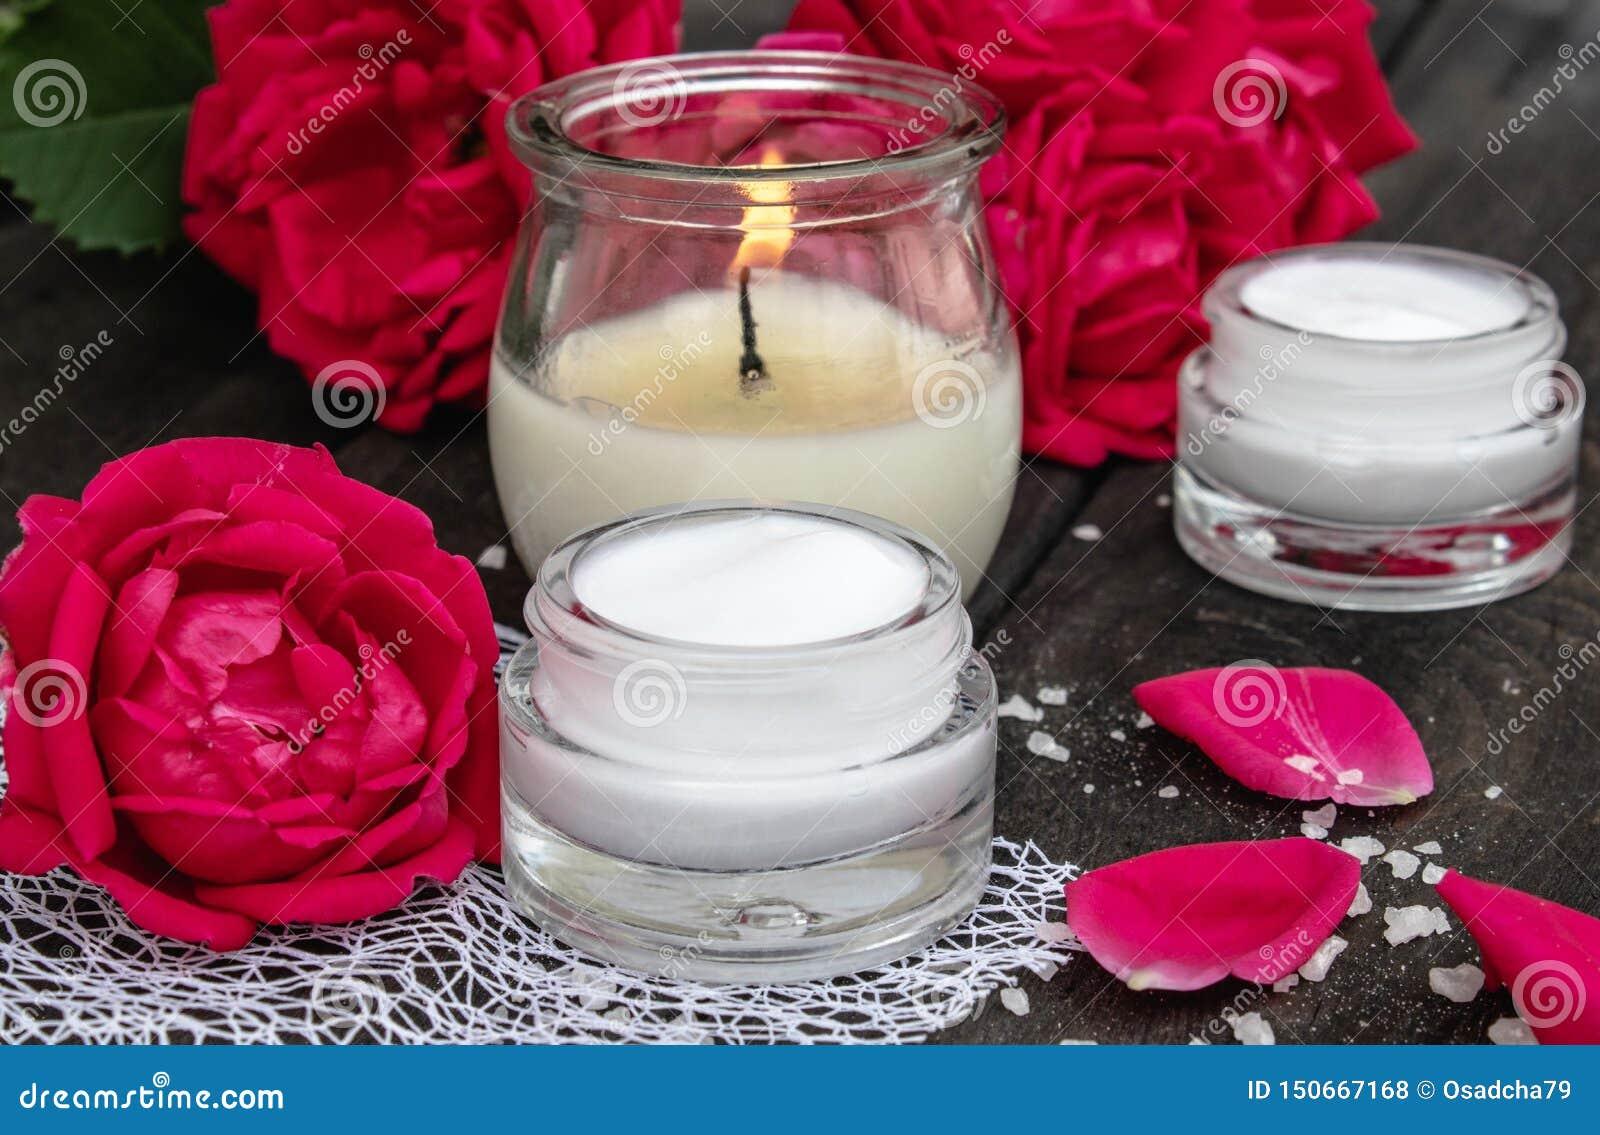 Creme e rosas cosméticos com pétalas e uma vela ardente no fundo de madeira velho